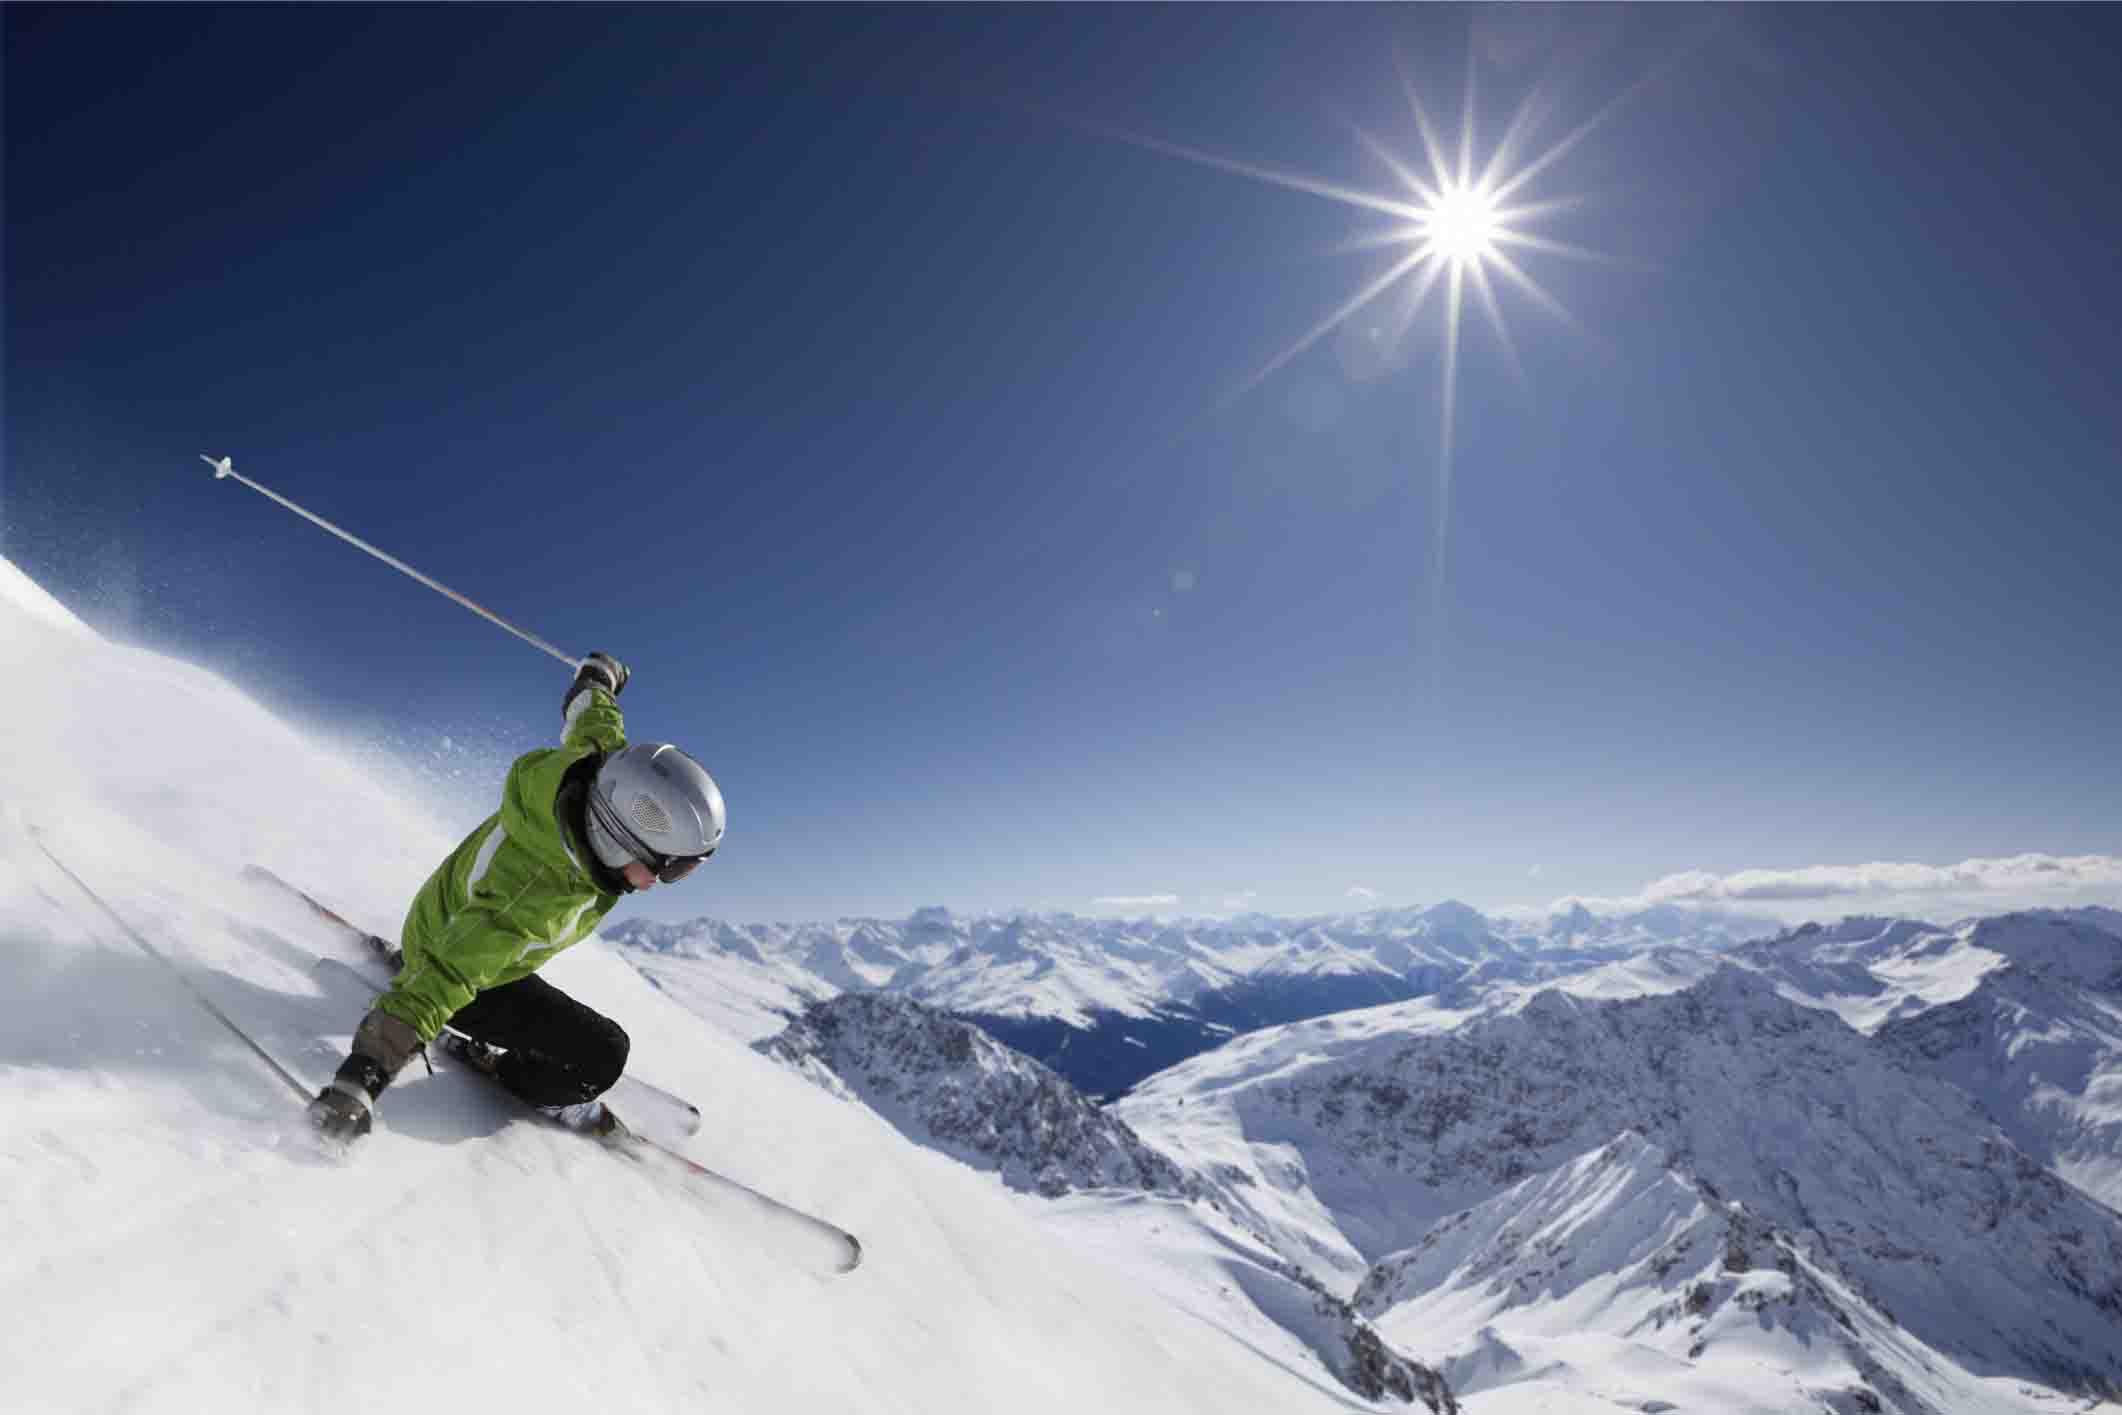 ski-snow-mountain-australia